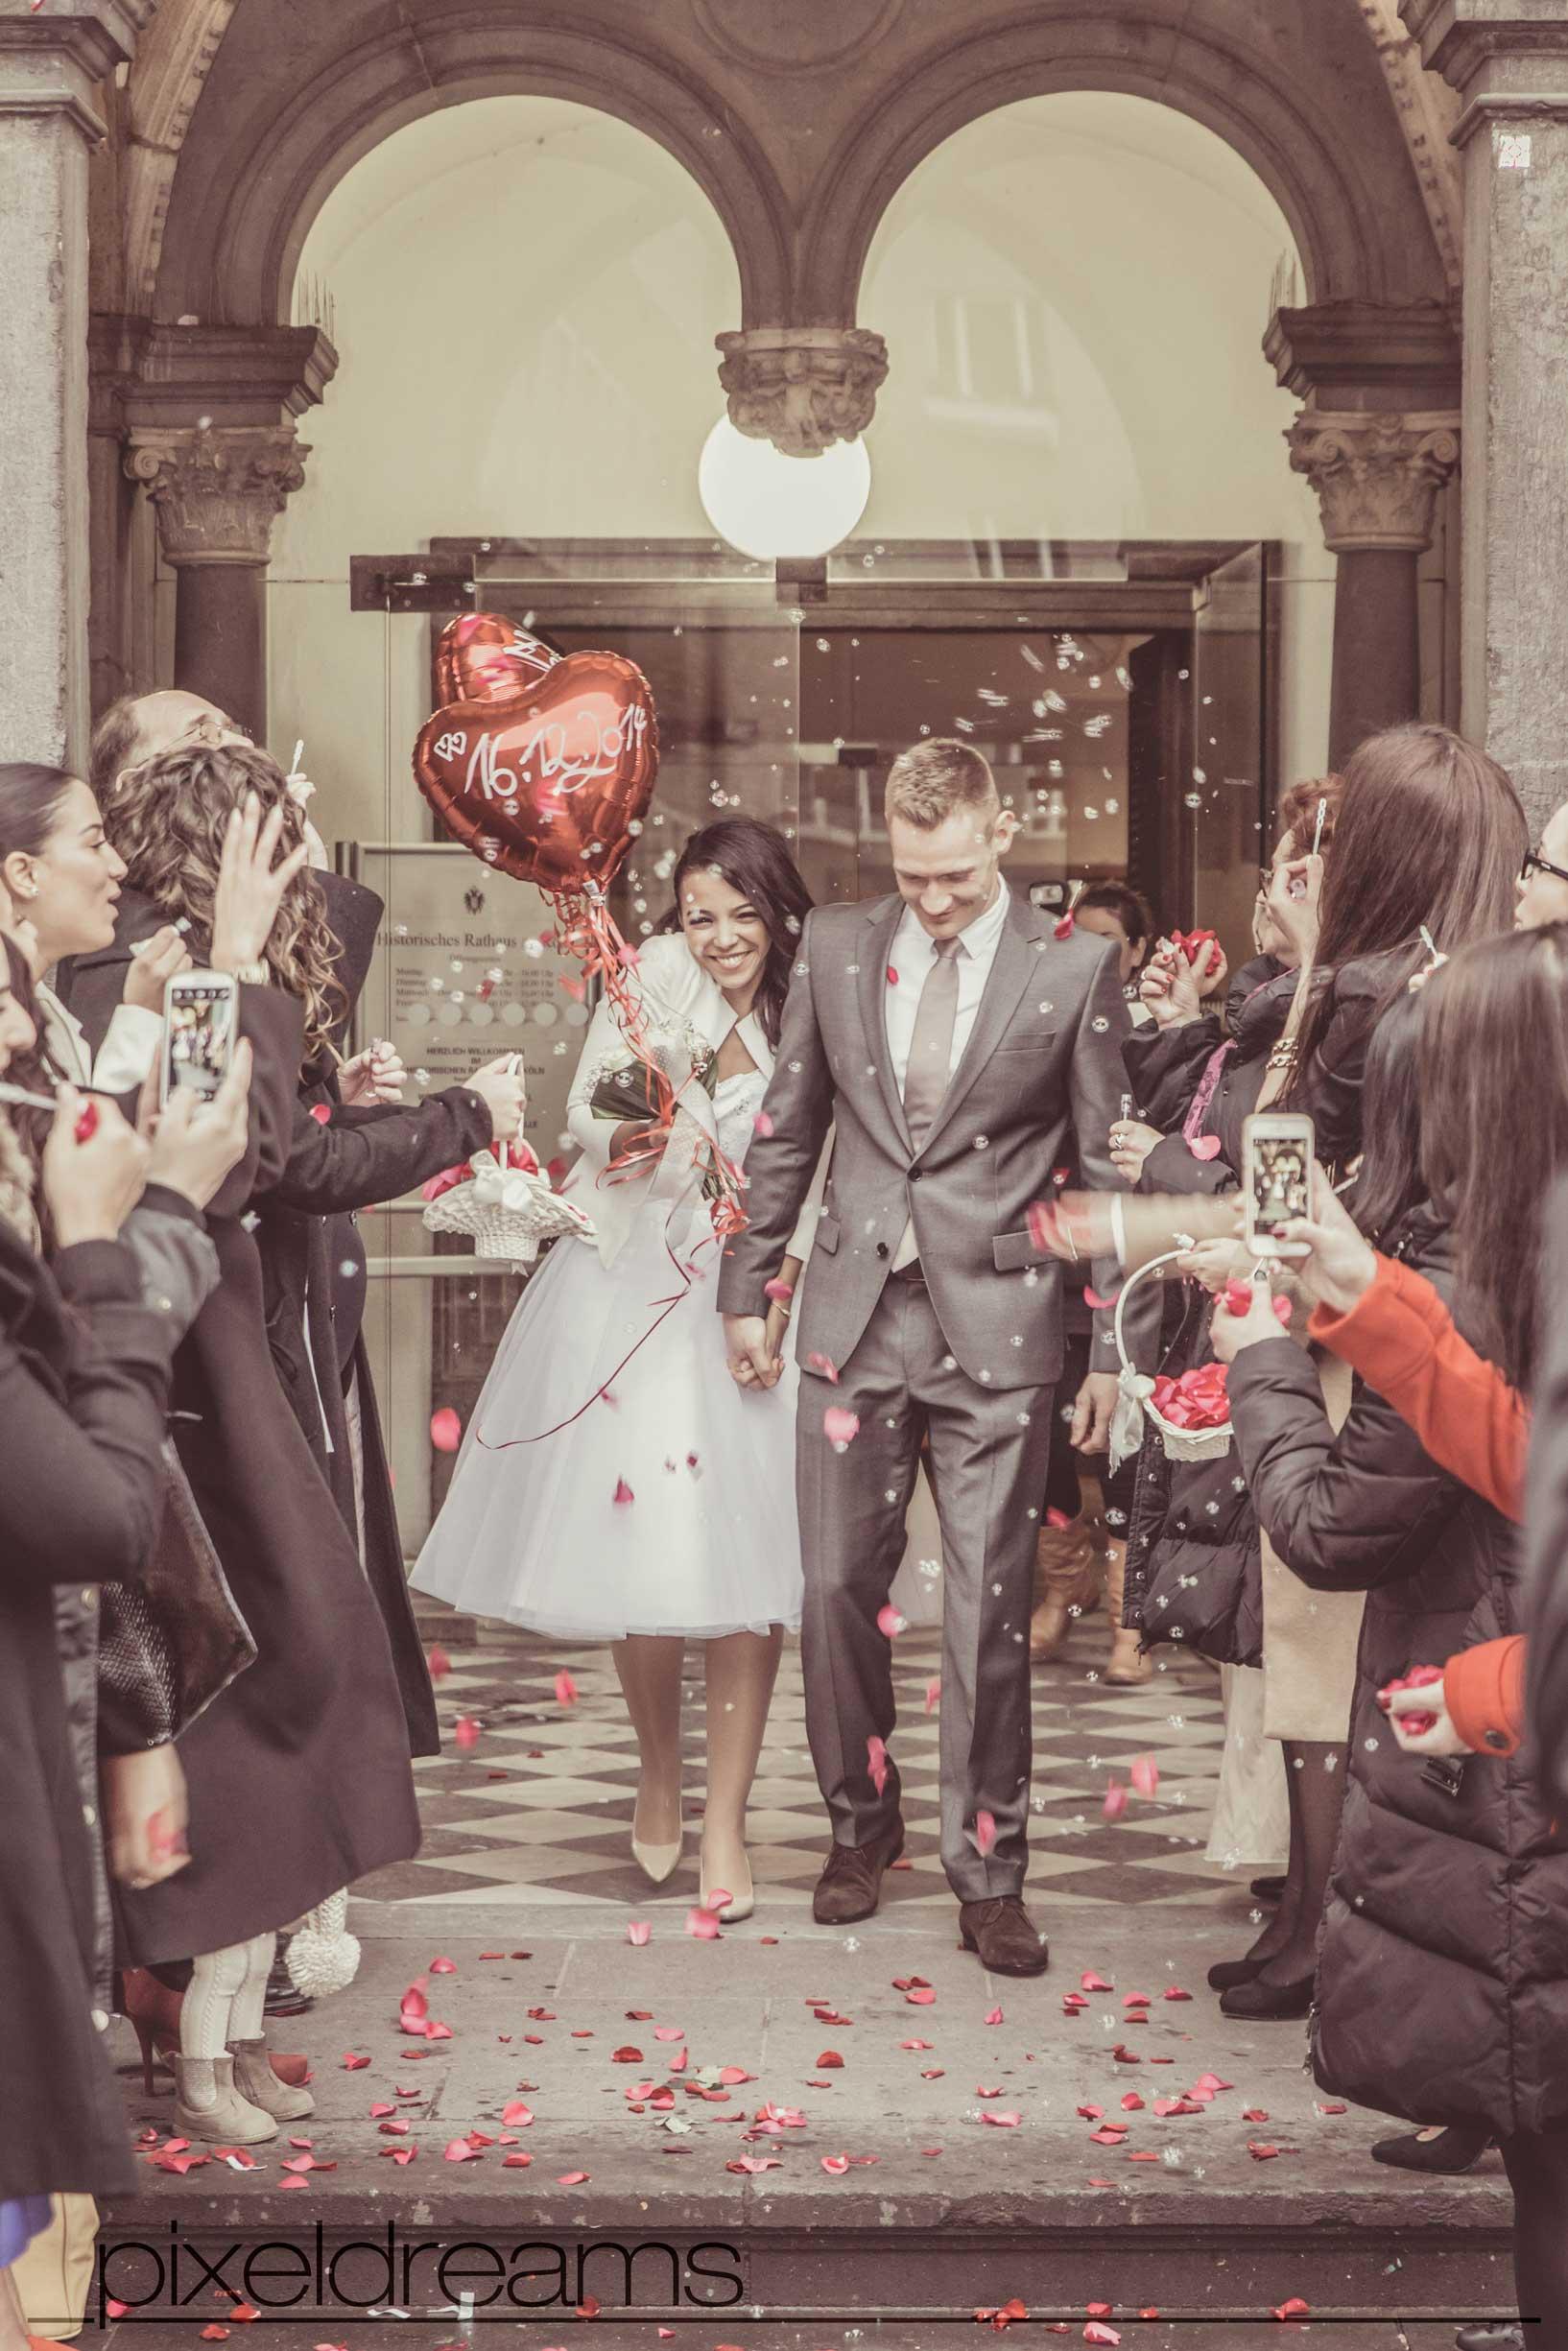 Standesamtshooting, eine Standesamtliche Trauung in Köln am historischen Rathaus in Köln, Pixeldreams Hochzeitsfotografie Köln